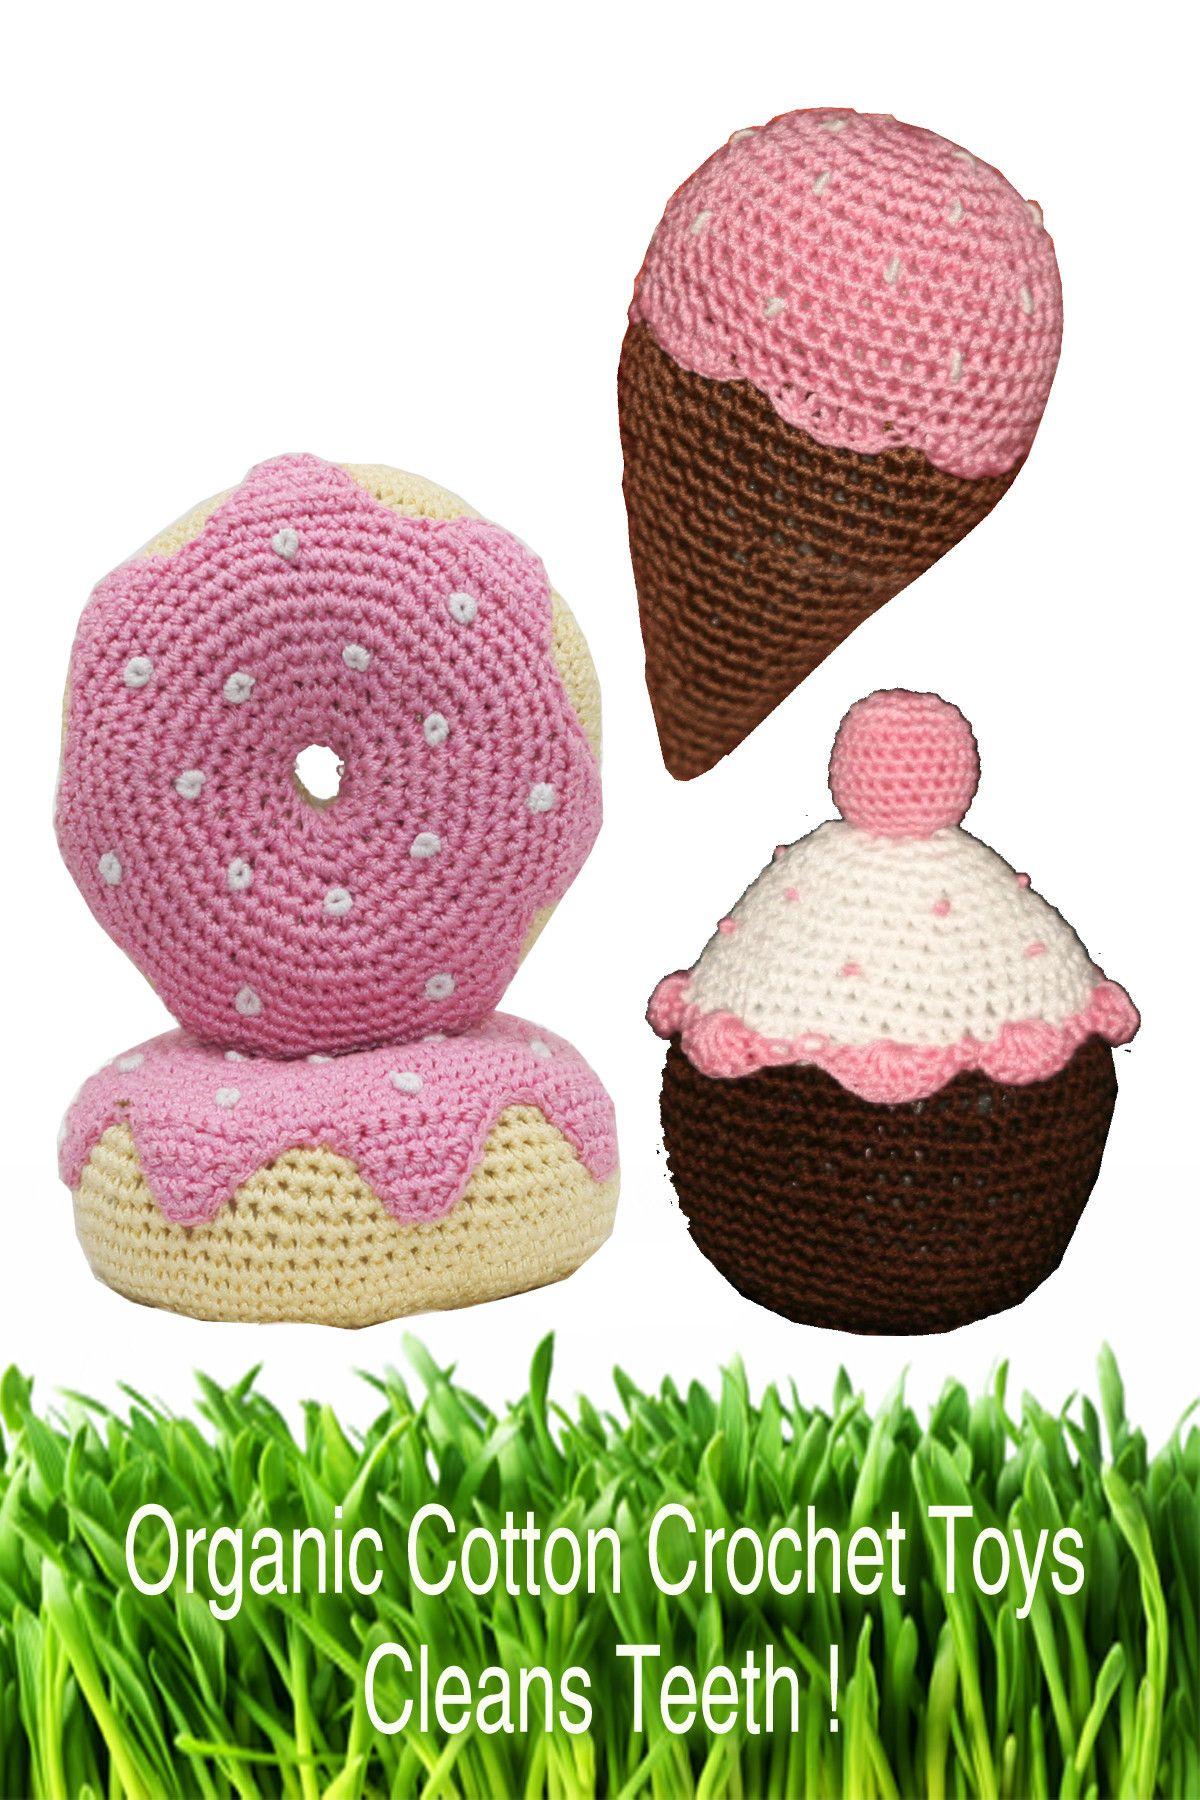 Hip Doggie Organic Cotton Crochet Dessert Dog Toy Set in Pink